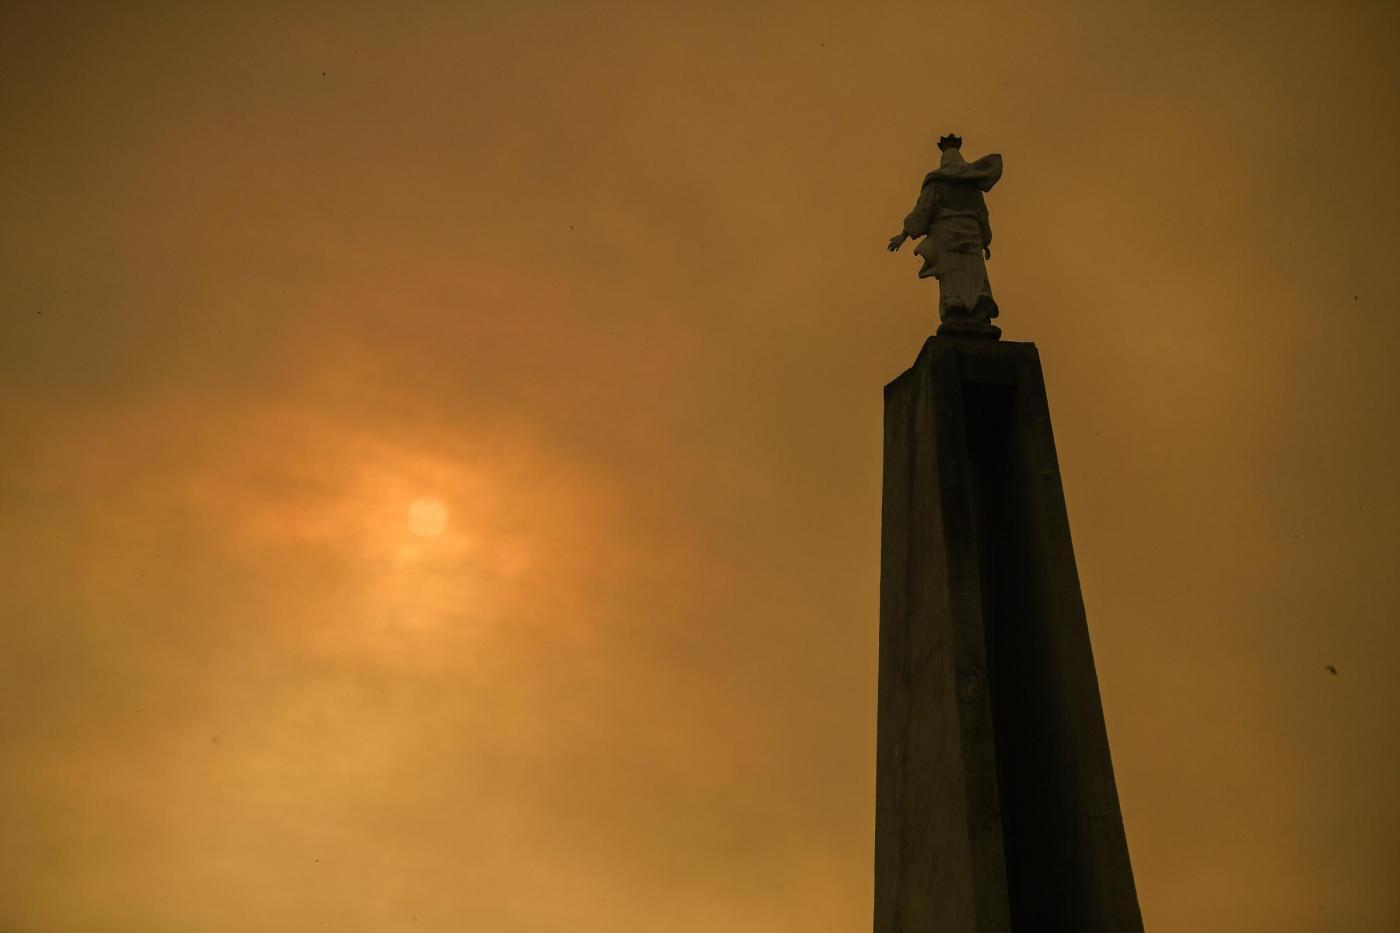 Continua a bruciare il Piemonte, evacuata casa di riposo a Susa